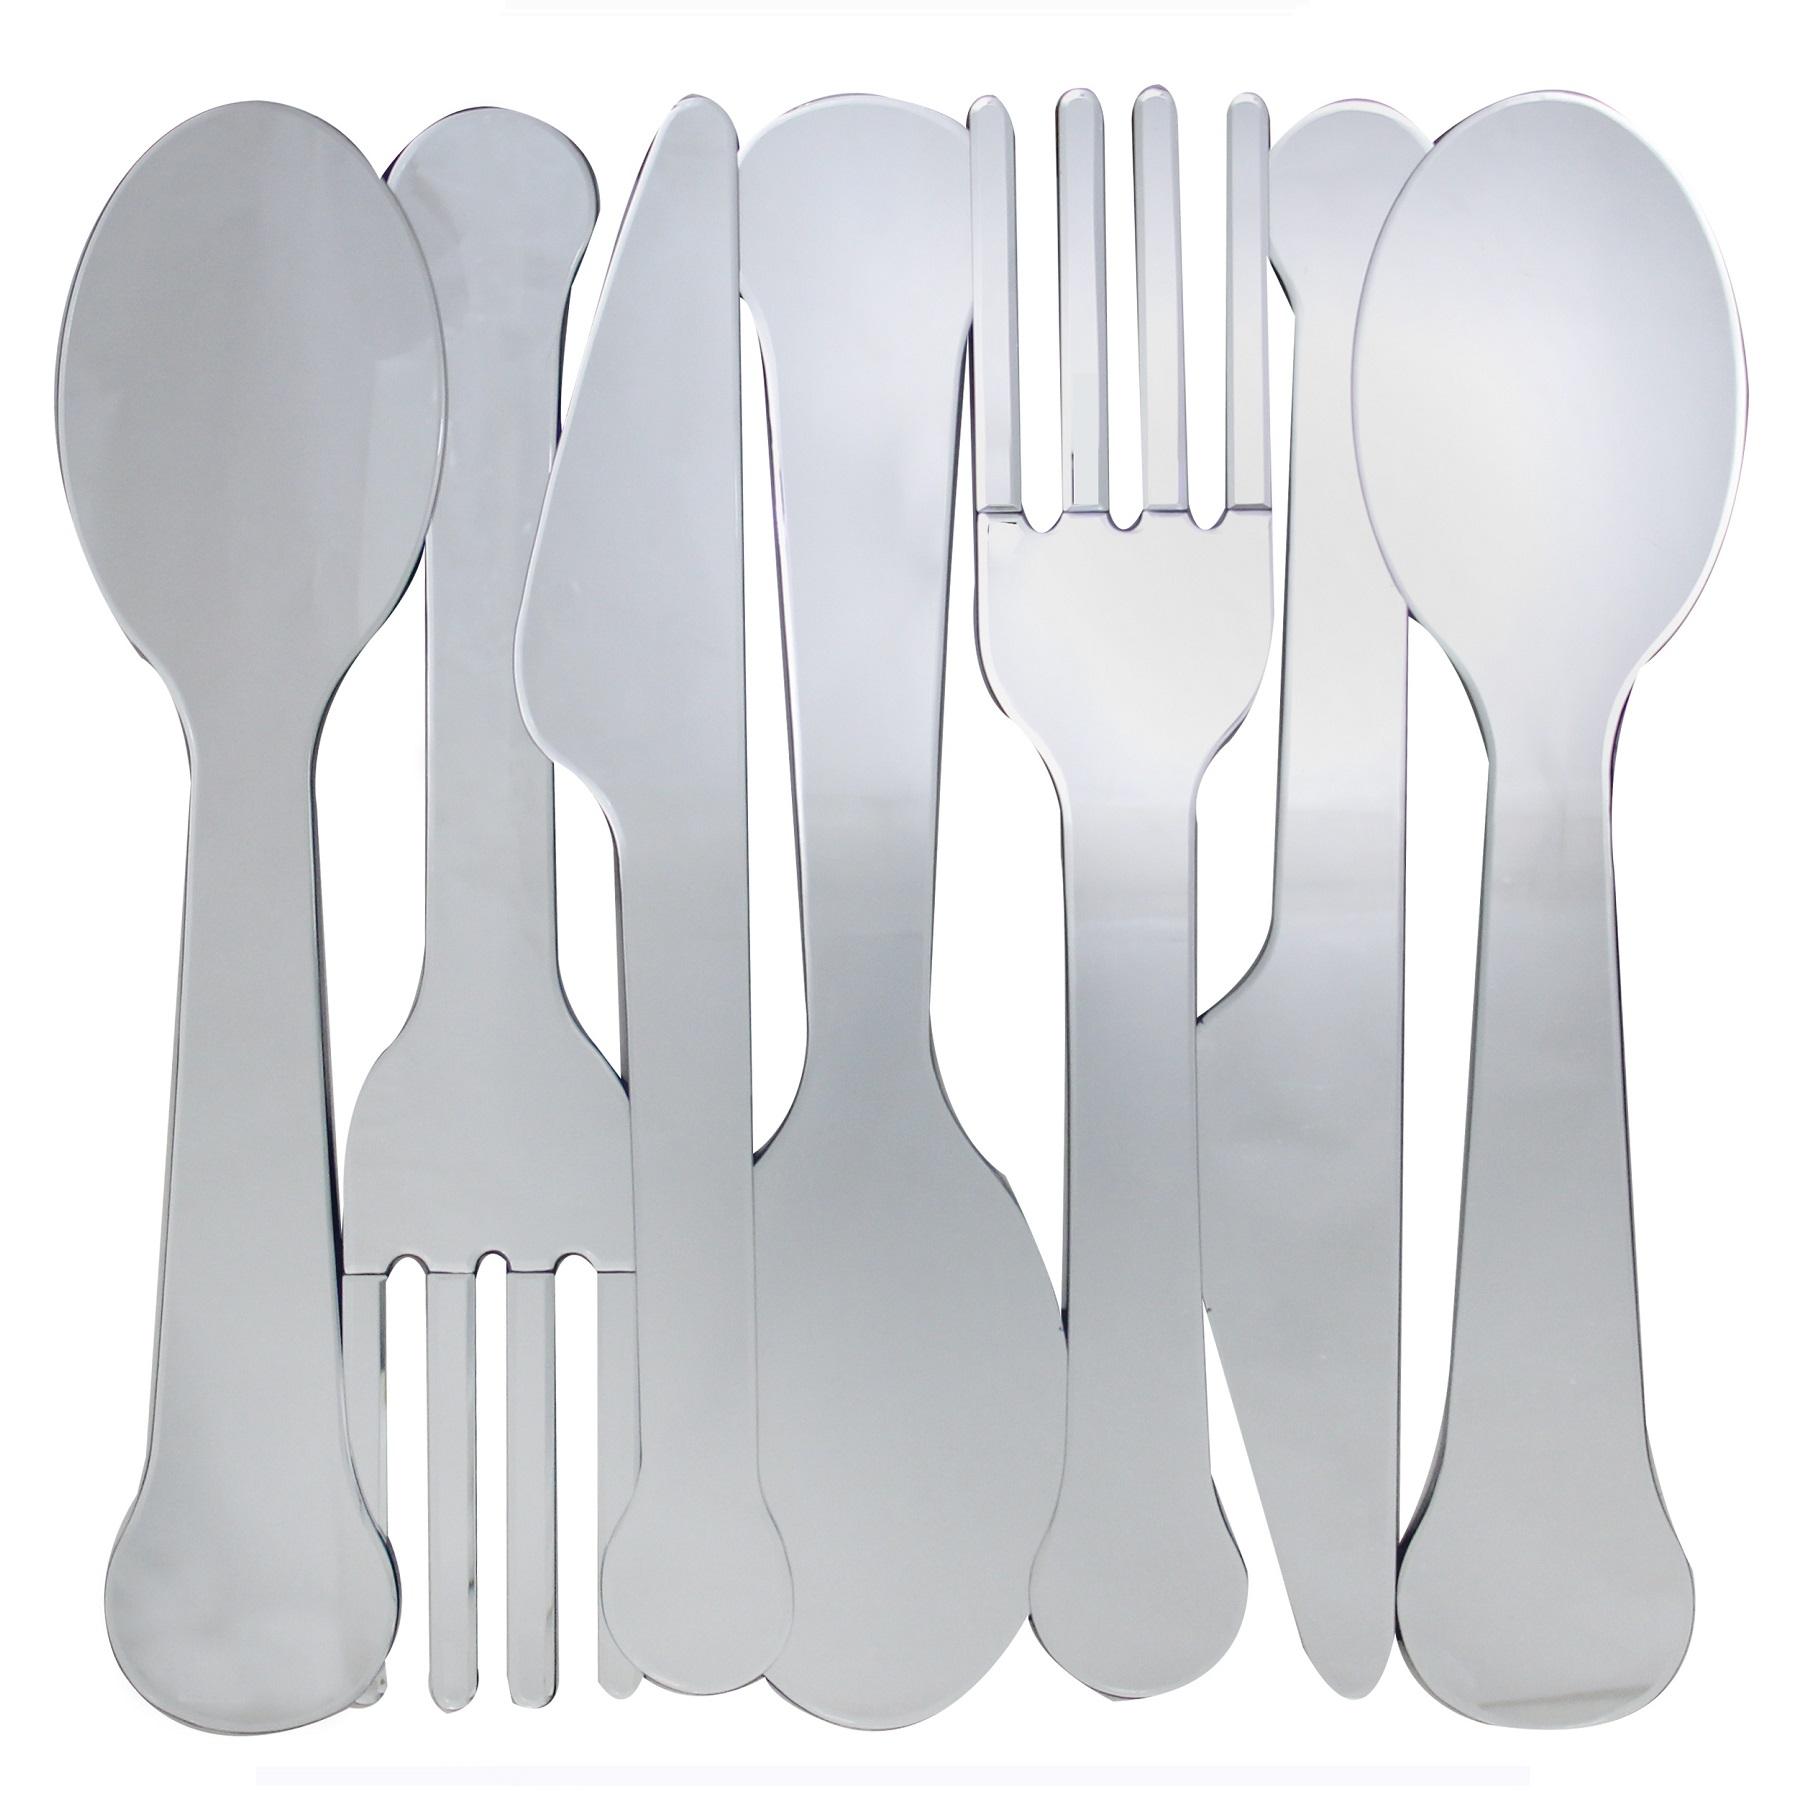 Купить со скидкой Декоративная зеркальная панель столовые приборы Tableware